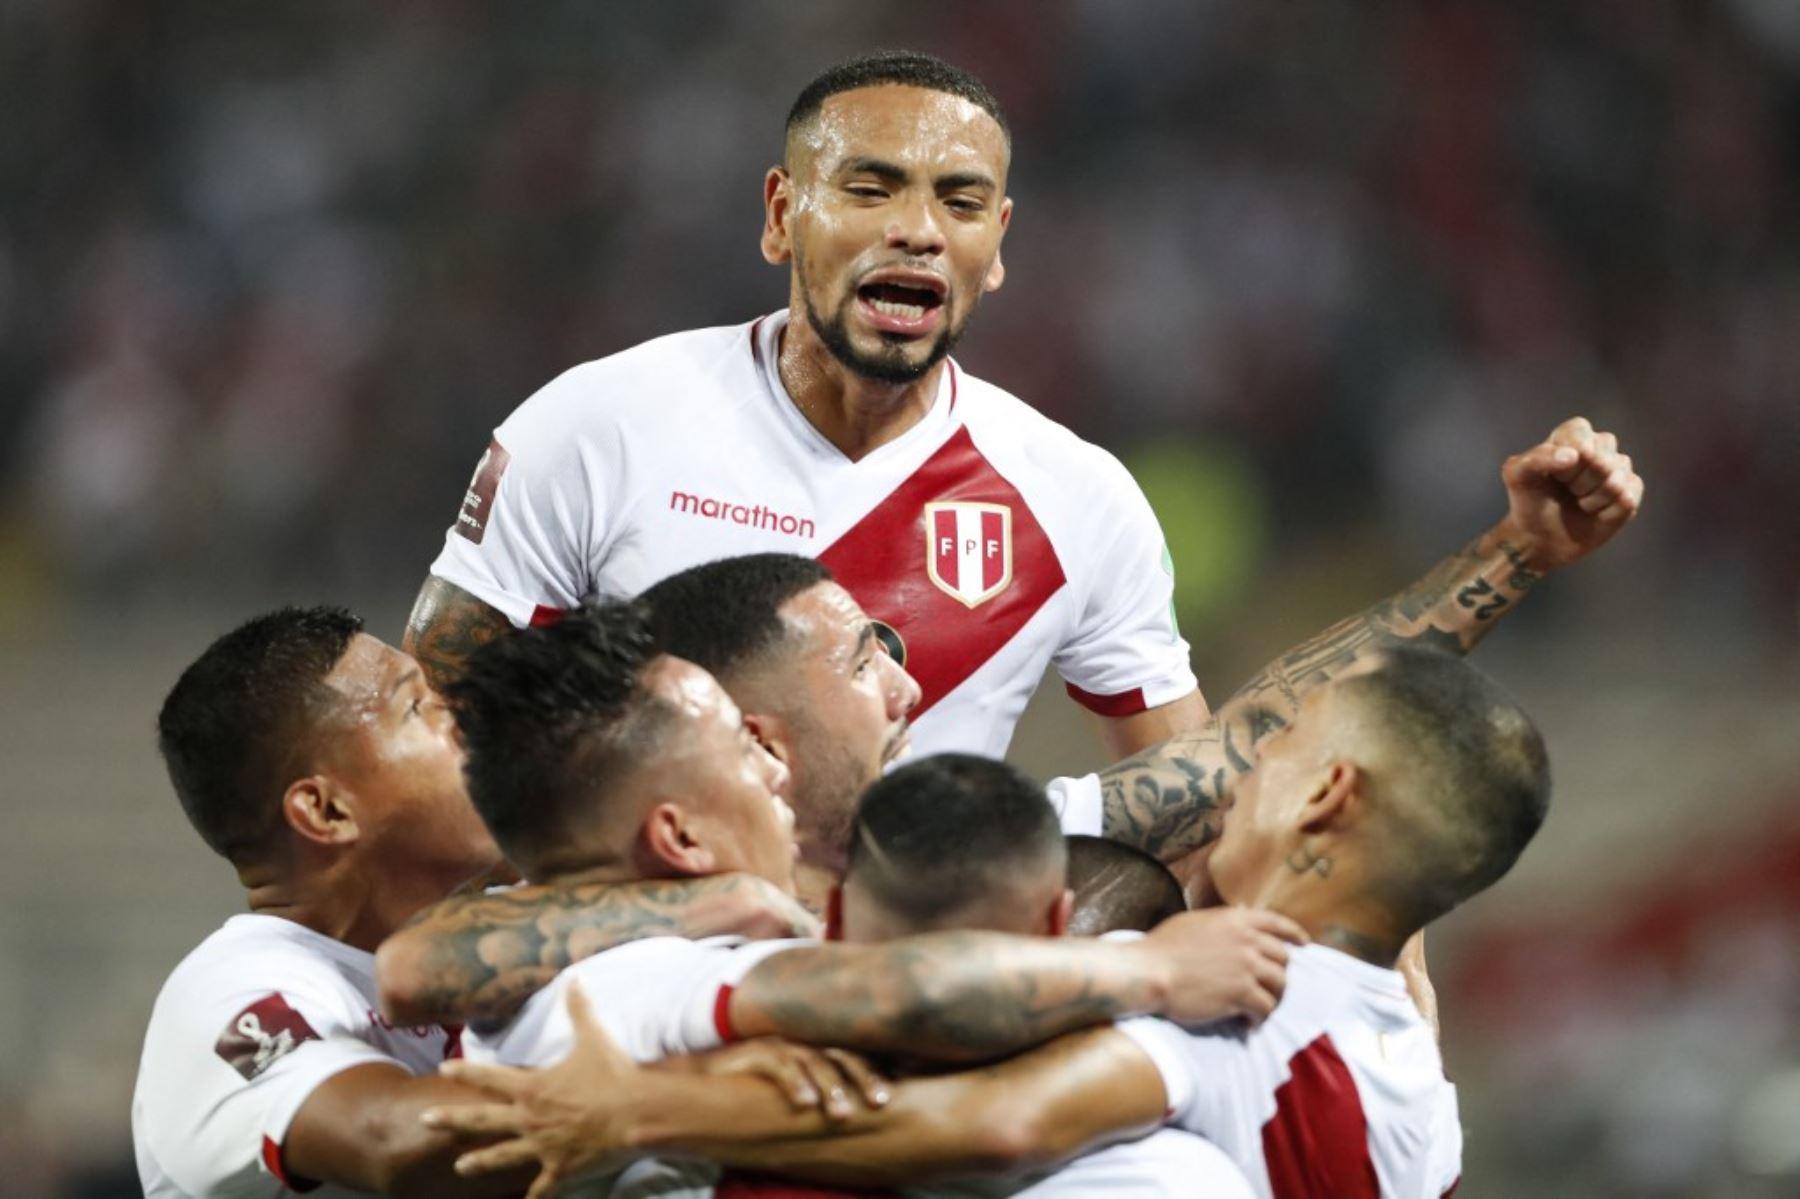 Perú celebra y sueña con clasificar tras vencer a Chile en el Clásico del Pacífico